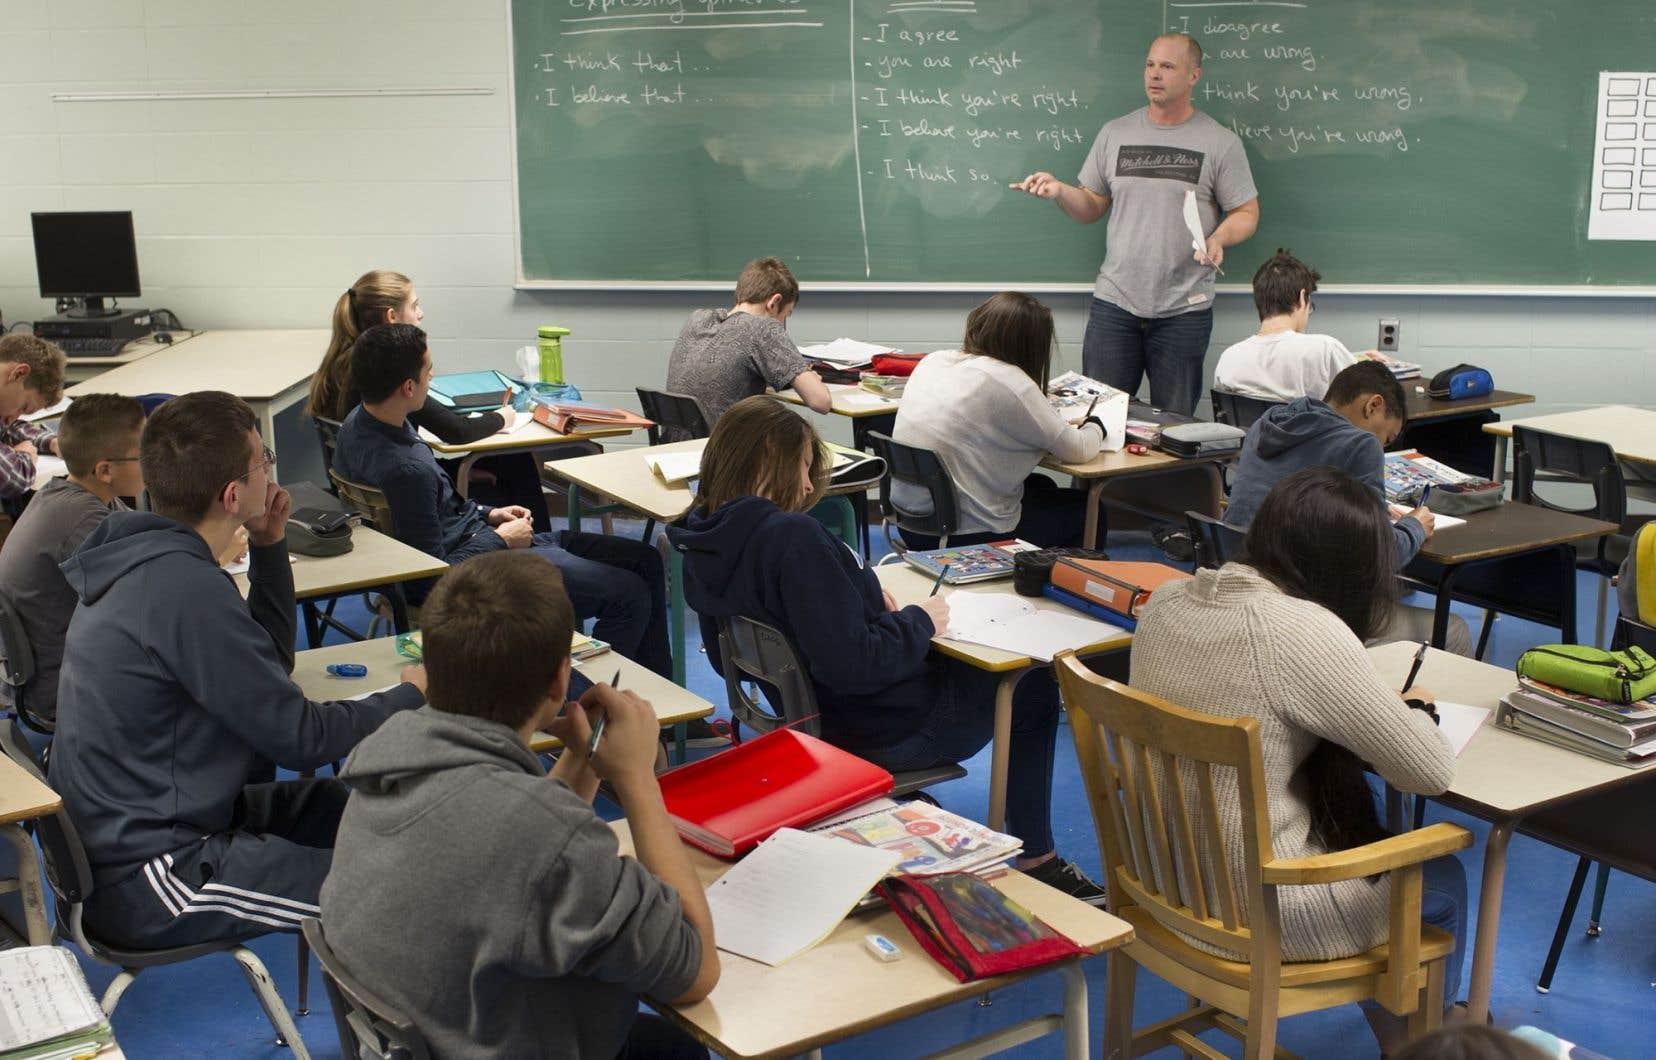 Les ratios profs-élèves seront augmentés, la composition des classes ne tiendra plus compte des élèves handicapés et en difficulté, les enseignants devront travailler 35heures au lieu de 32